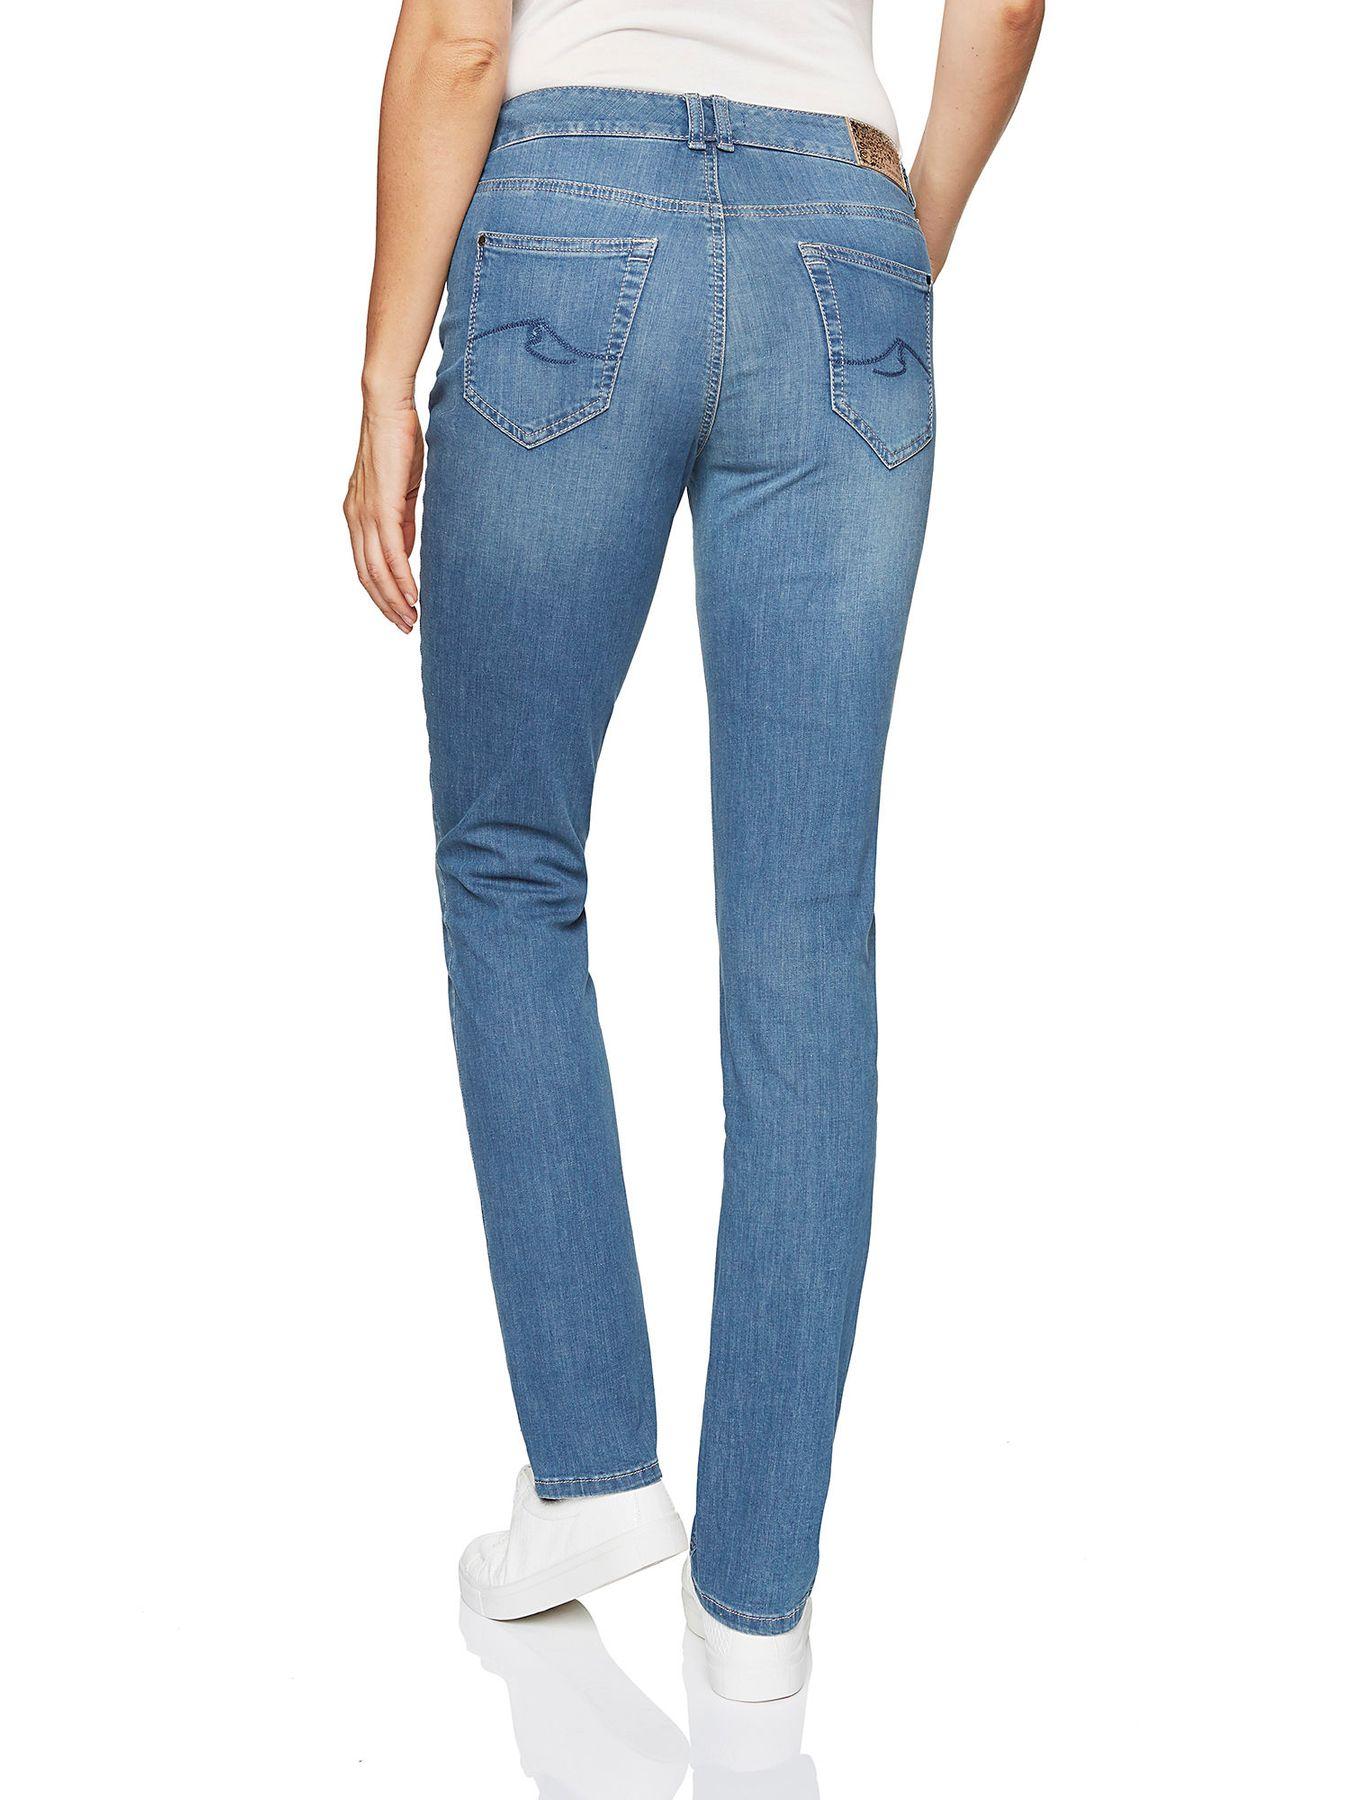 Atelier Gardeur - Slim Fit - Damen 5-Pocket Röhrenhose aus Baumwollstretch, Zuri (670171) – Bild 4